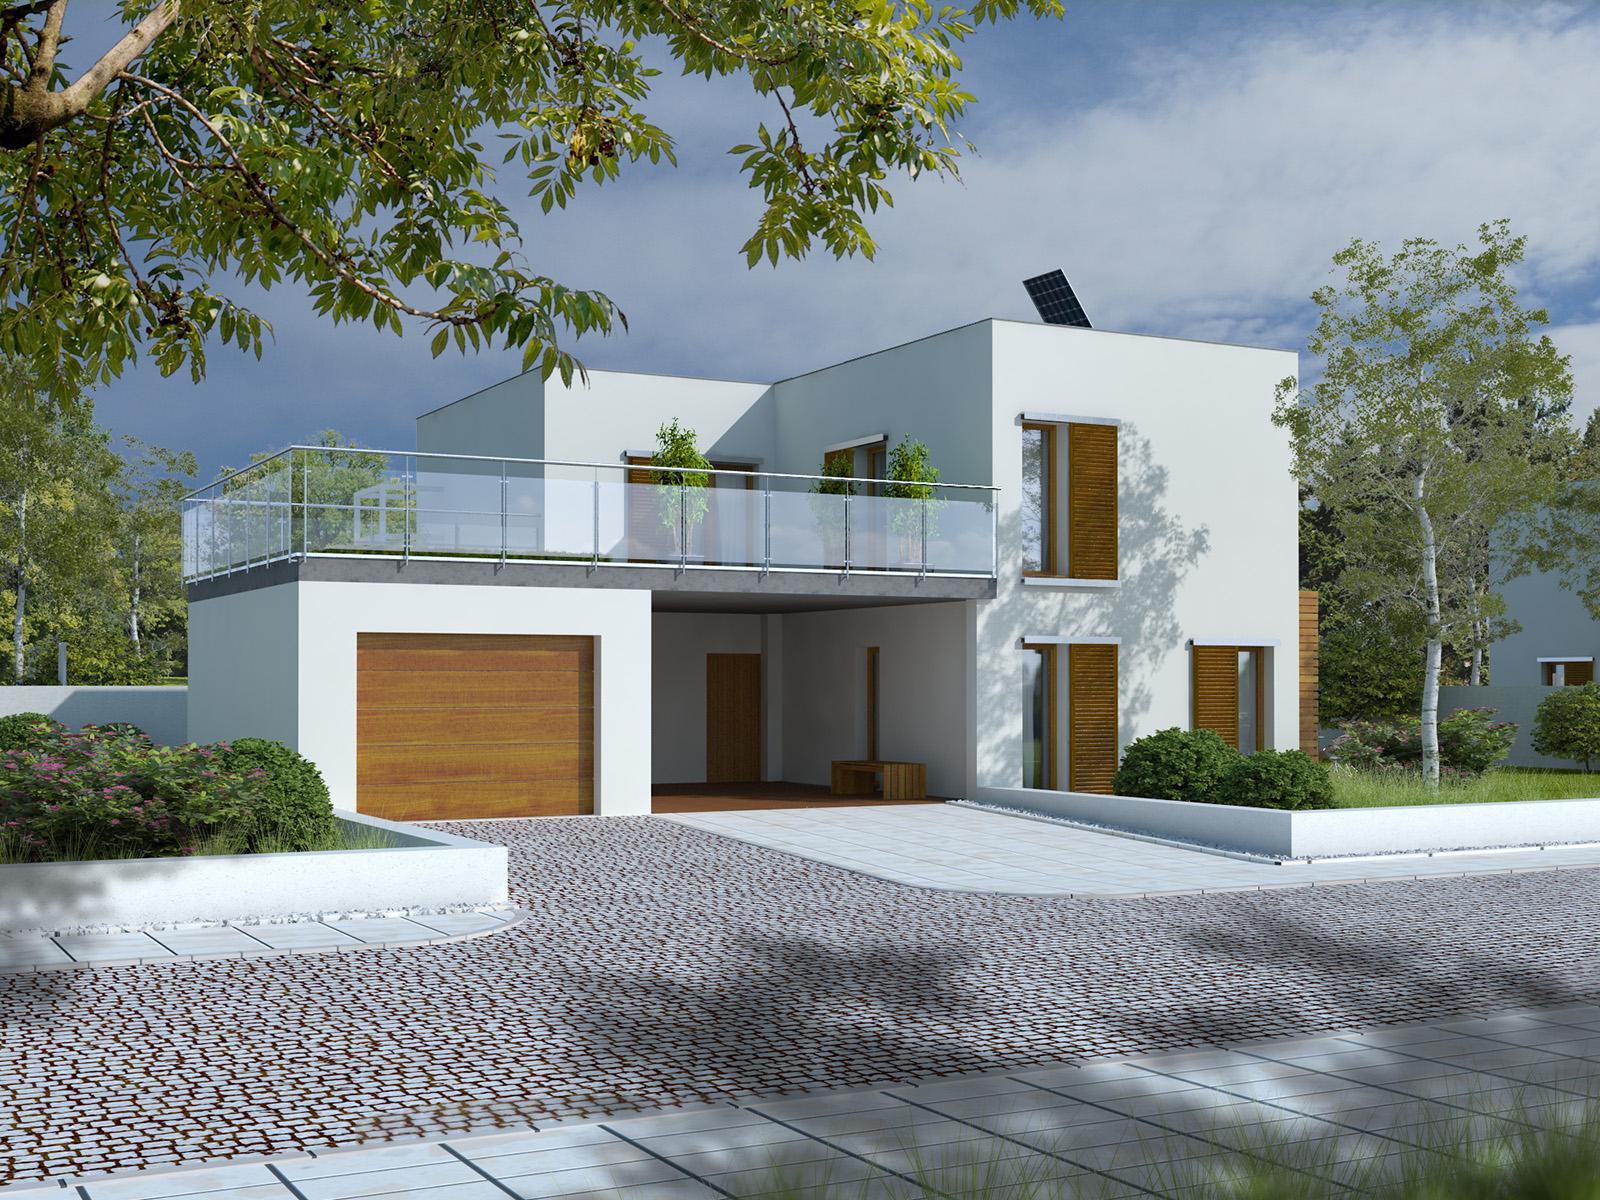 Projekt domu ZIELONY TARAS Domy Czystej Energii widok od frontu